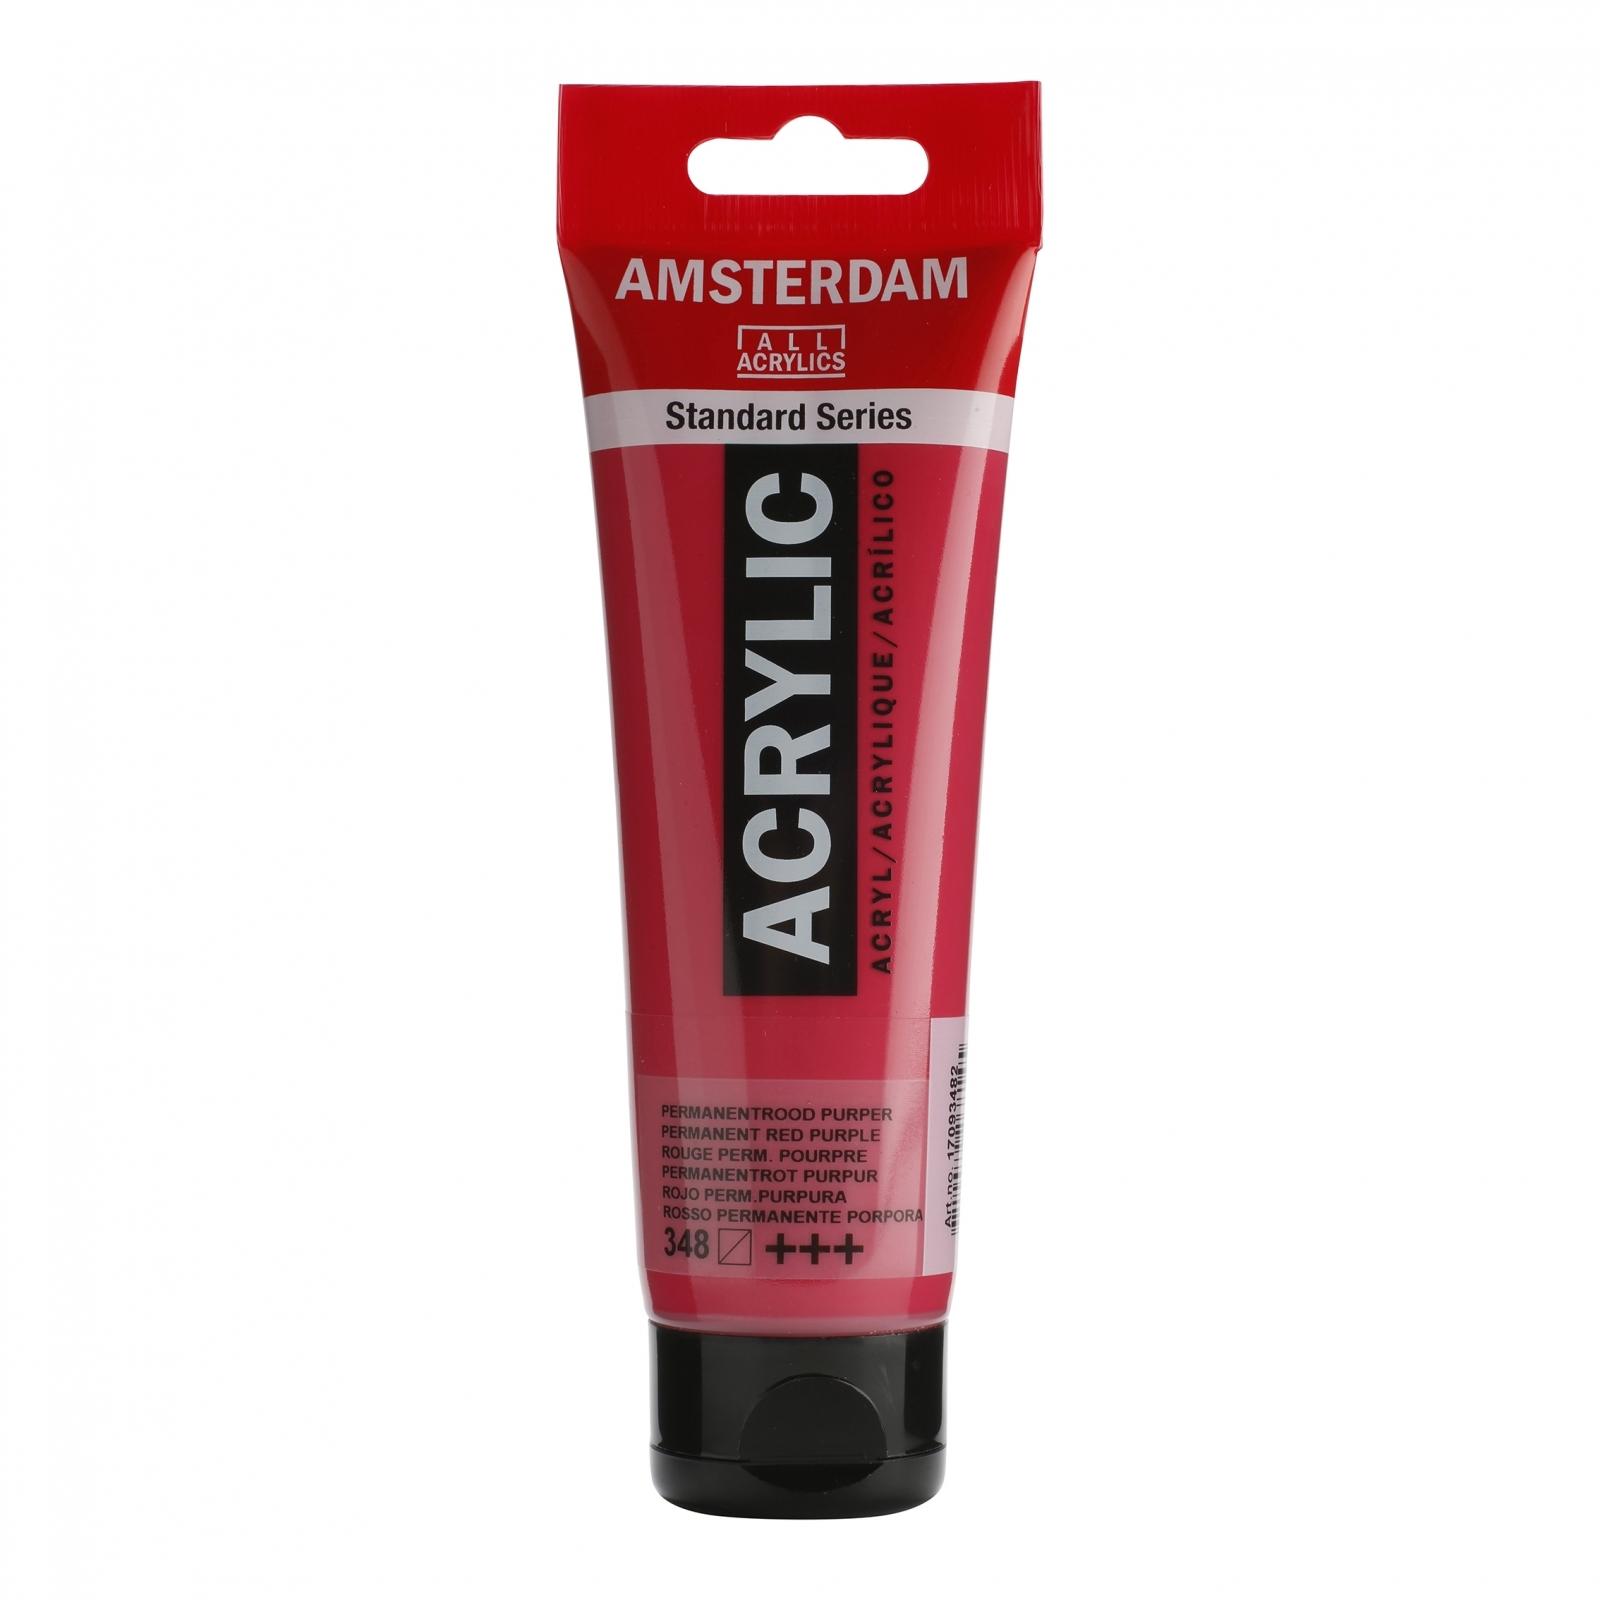 Tinta Acrílica Amsterdam Vermelho Purpura Permanente 120ml (+++348) - Papelaria Botafogo